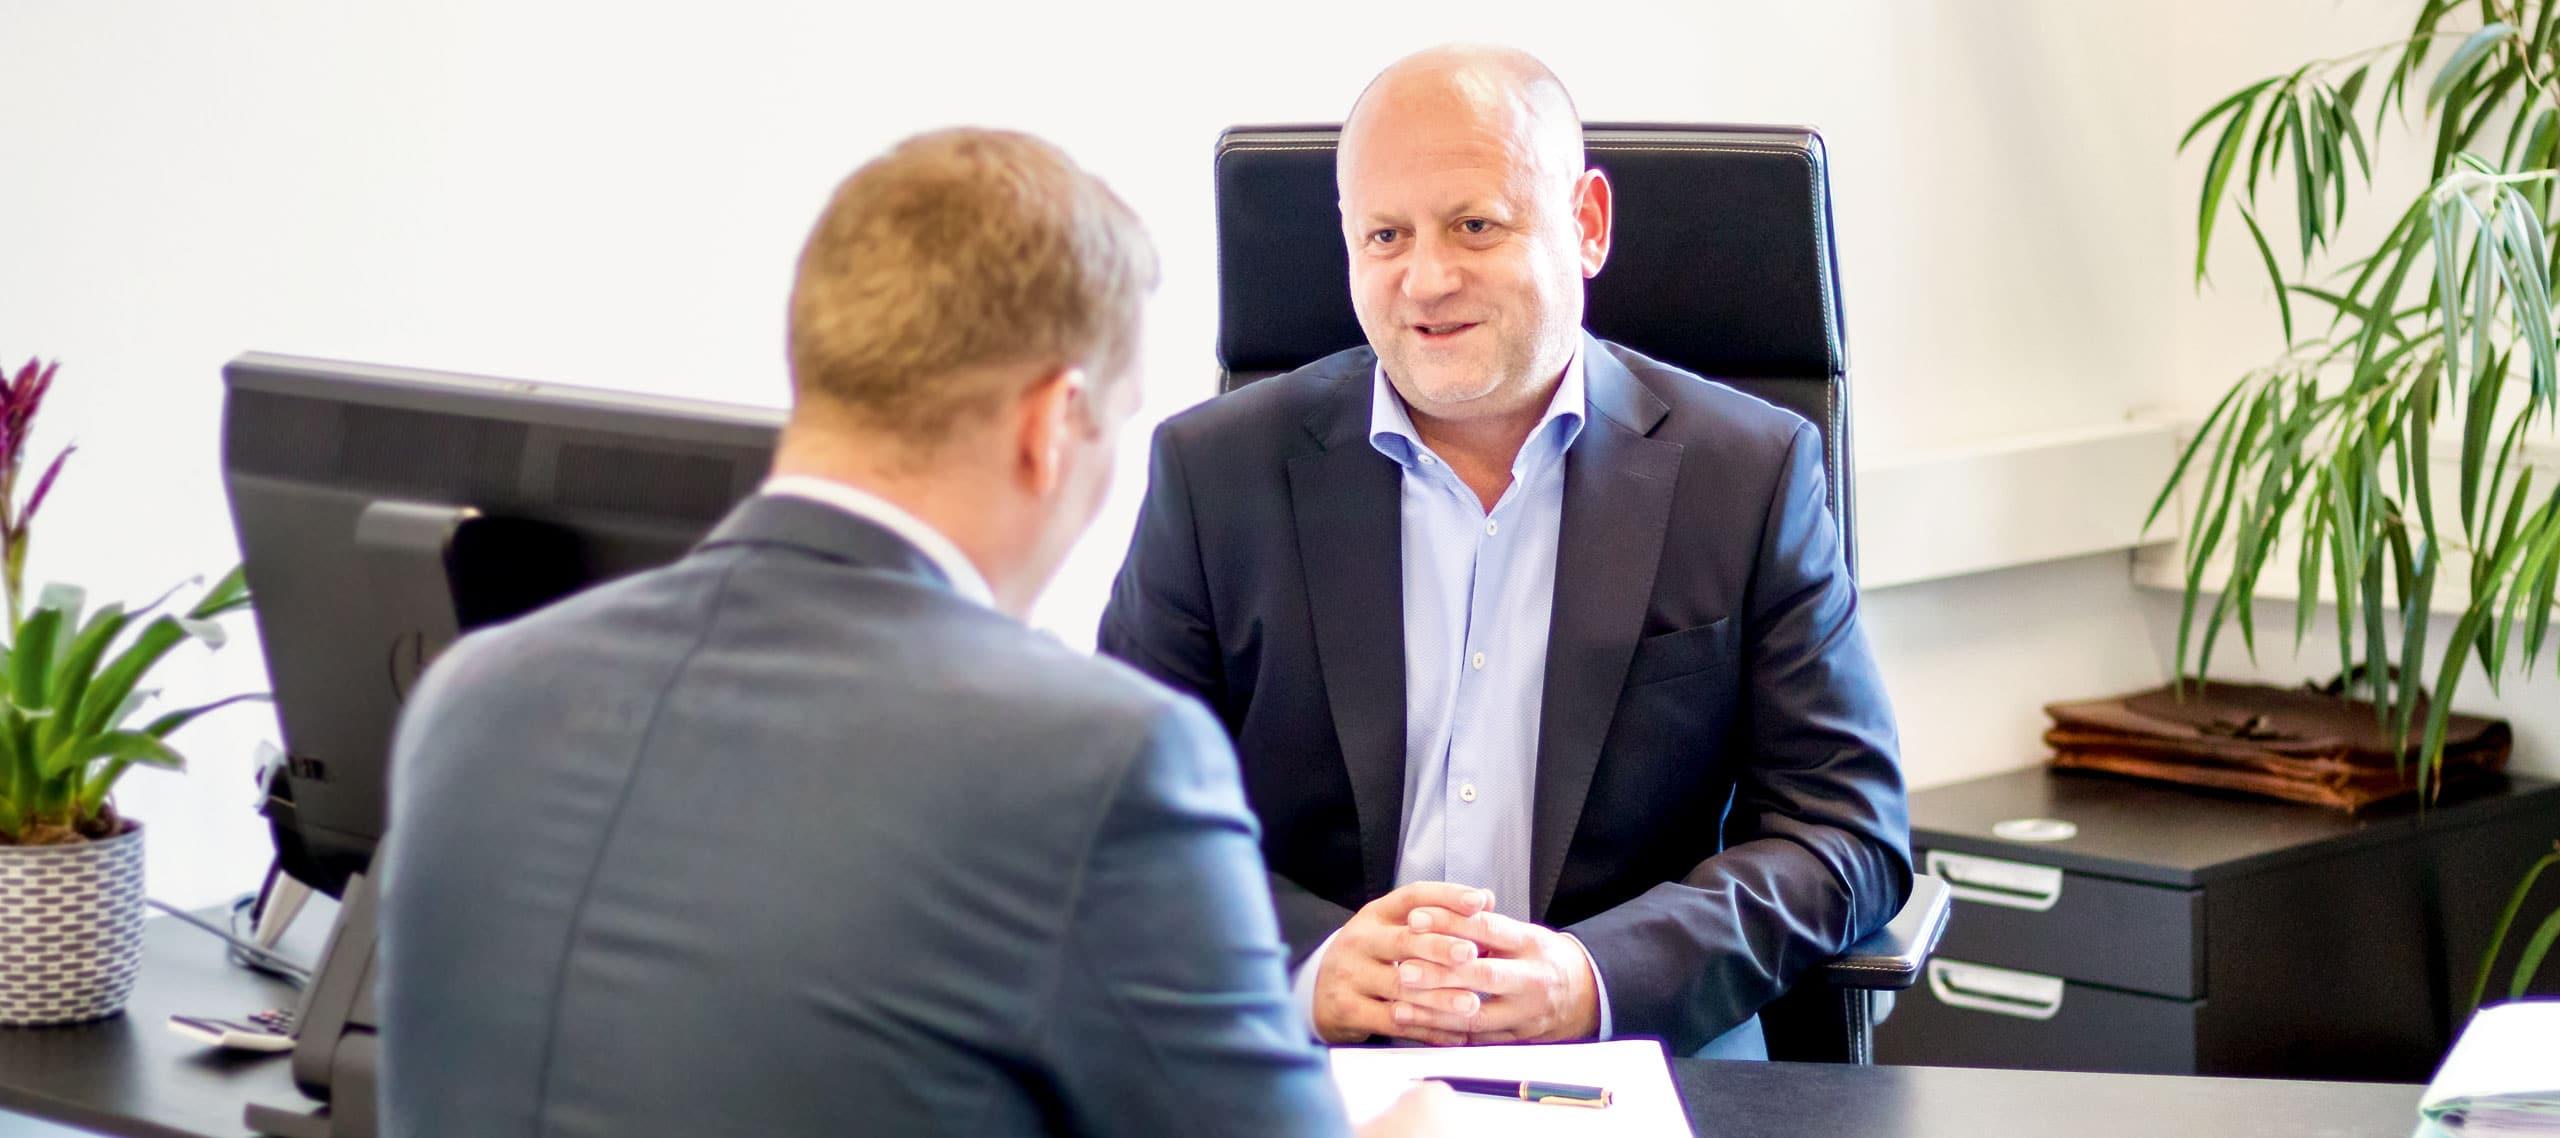 Mag. Jürgen Pendl - Notar in Leibnitz - im Beratungsgespräch